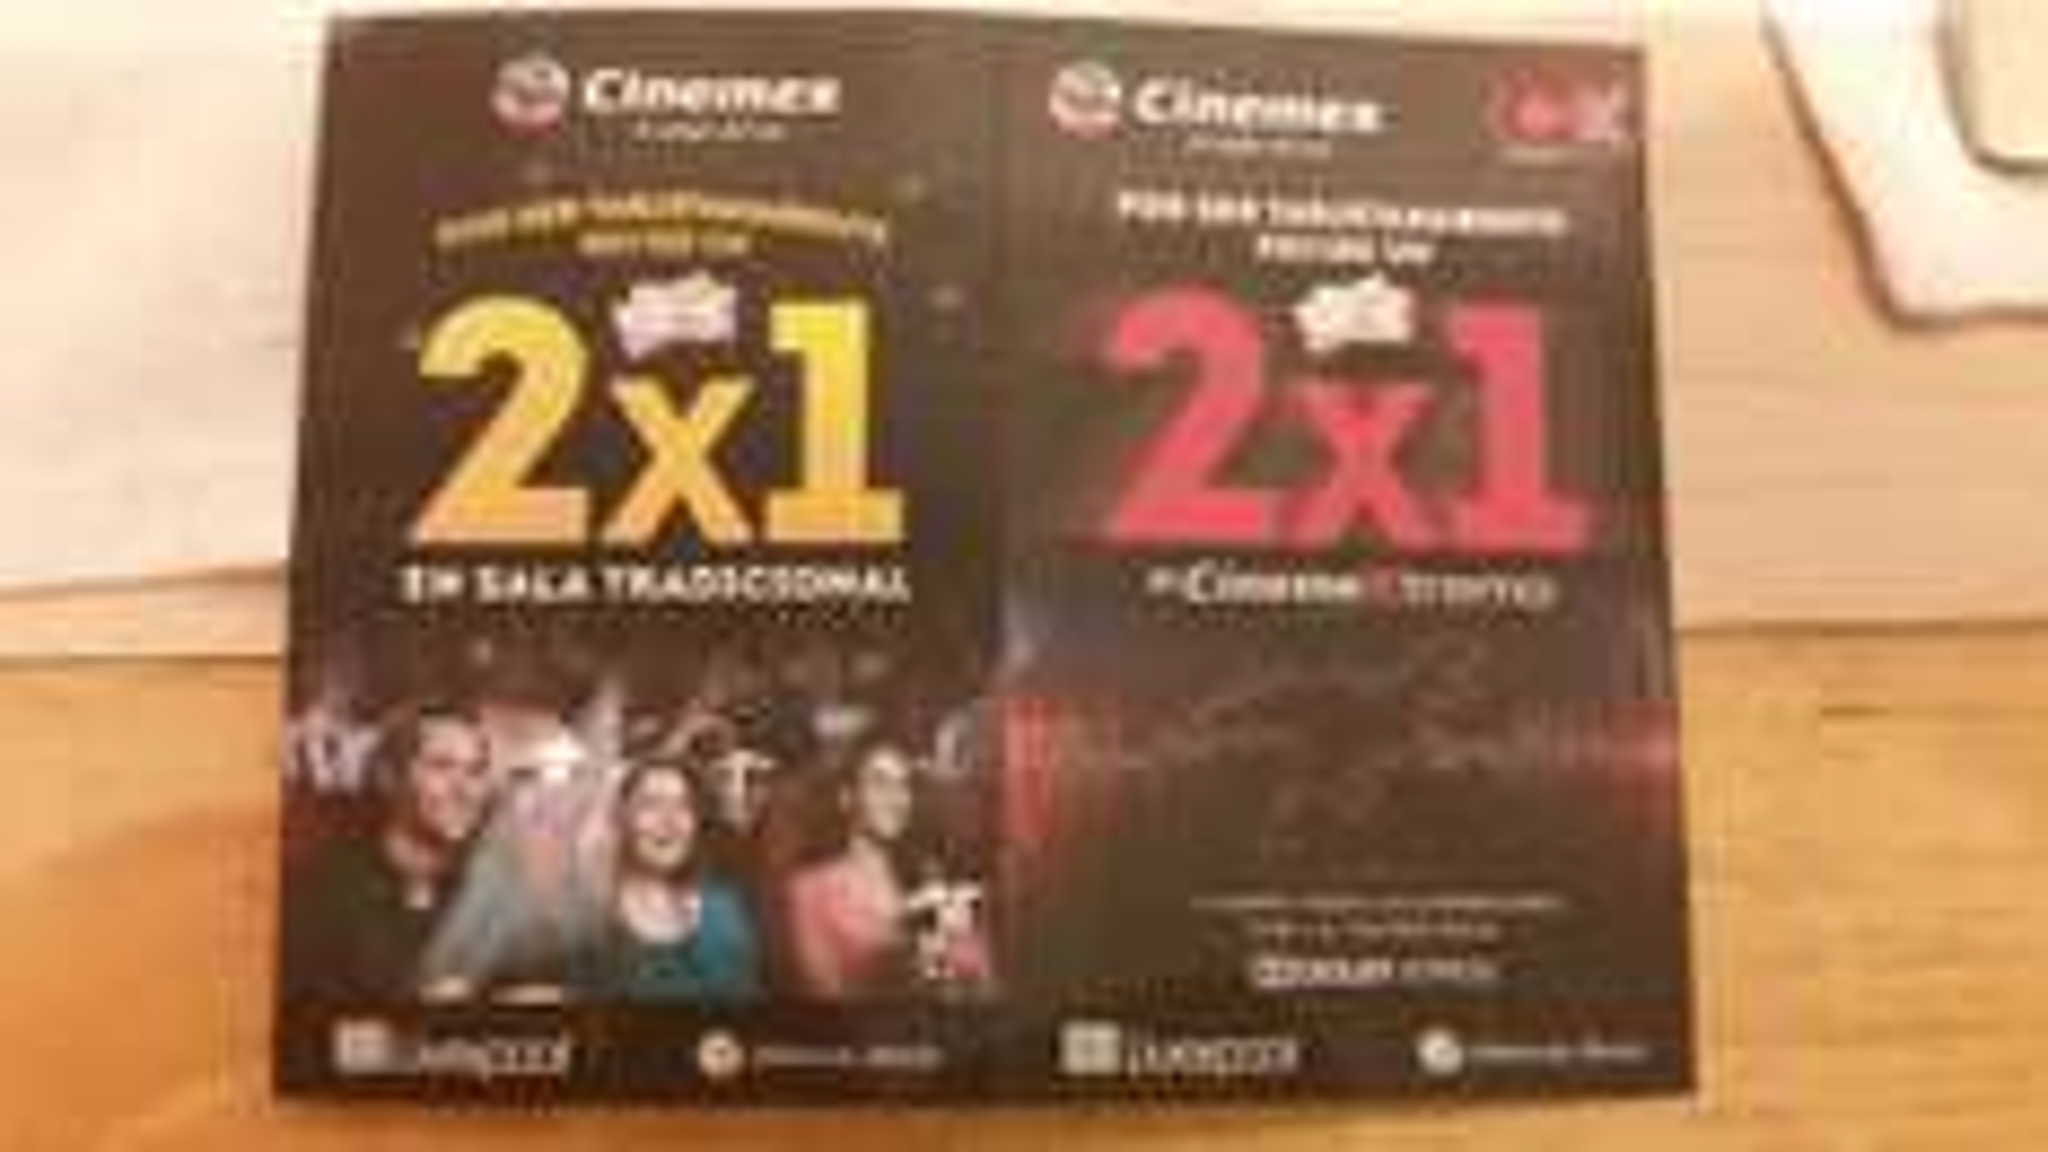 Cinemex 2x1 para tarjetahabientes Liverpool y Fábricas de Francia con cupón